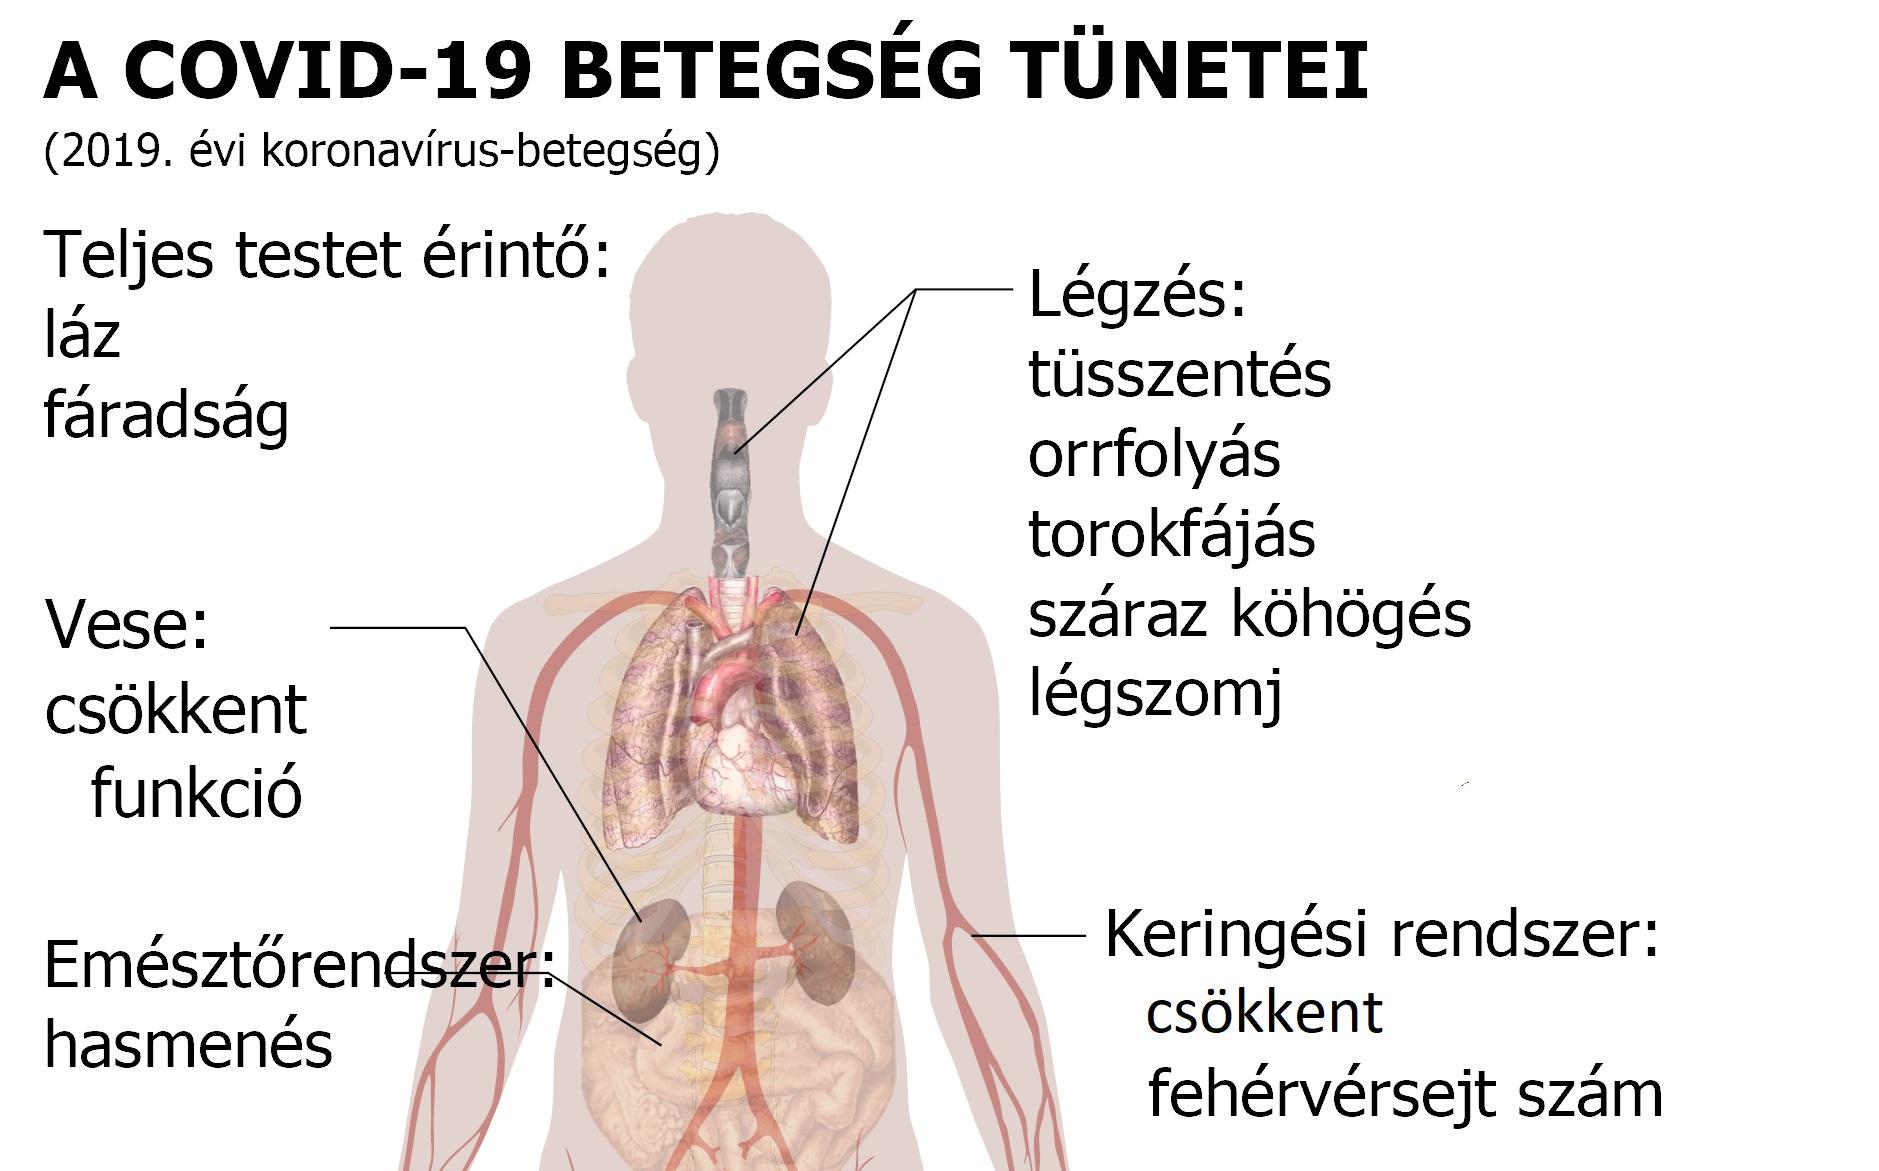 egres és magas vérnyomás hemoptysis hipertónia